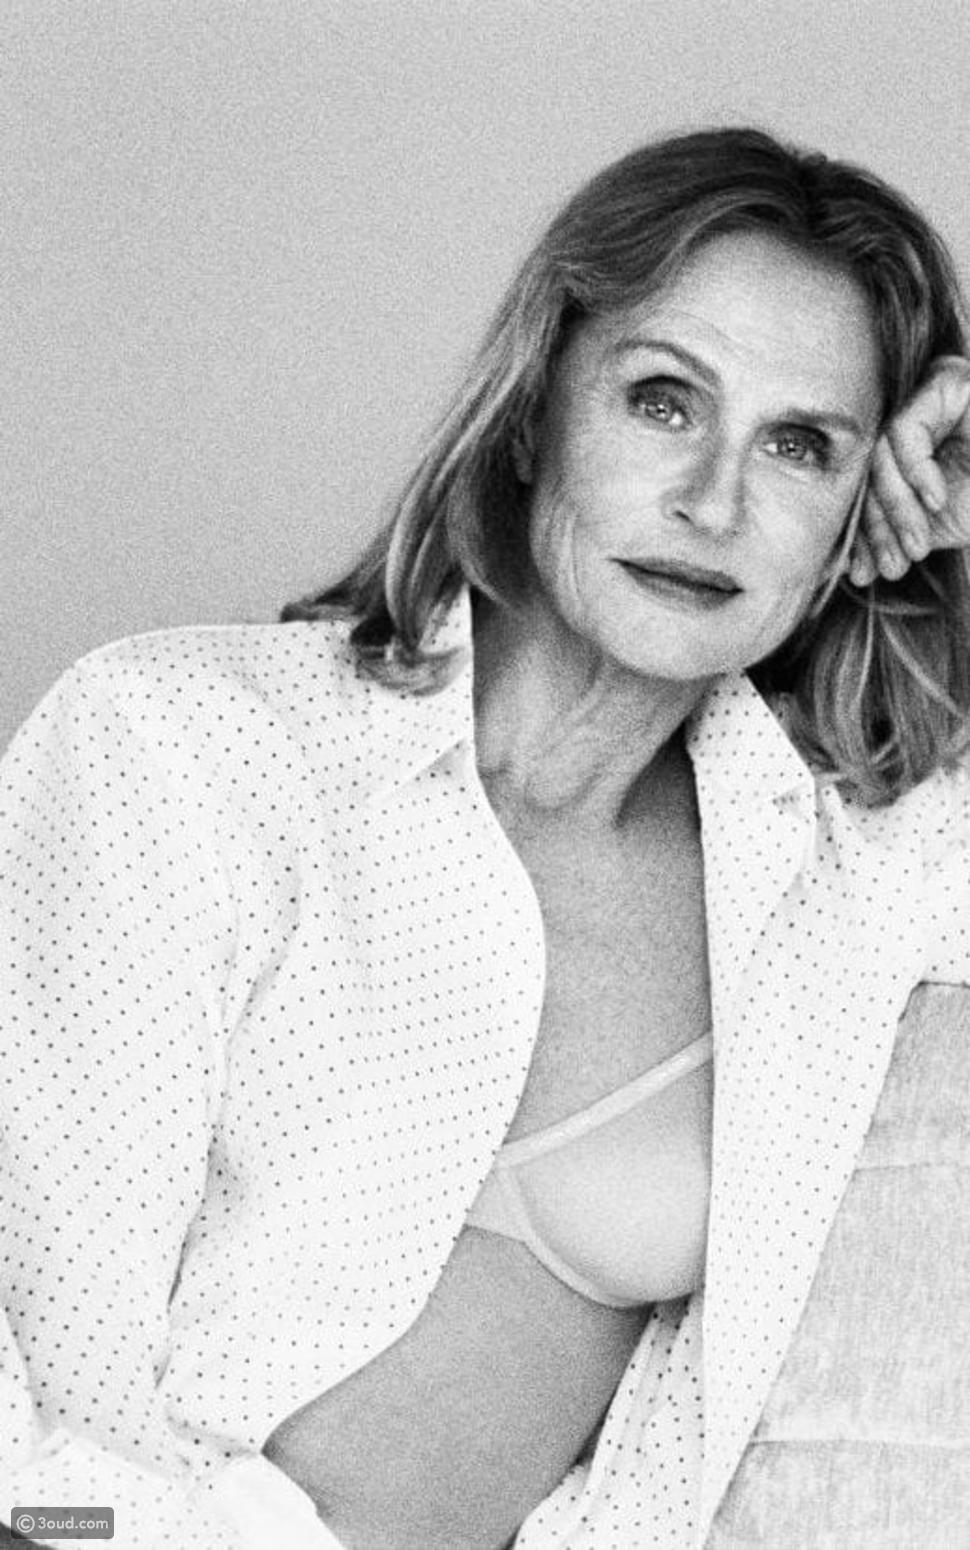 حملة الملابس الداخلية الجديدة من Calvin Klein تتحدى العمر والعنصرية